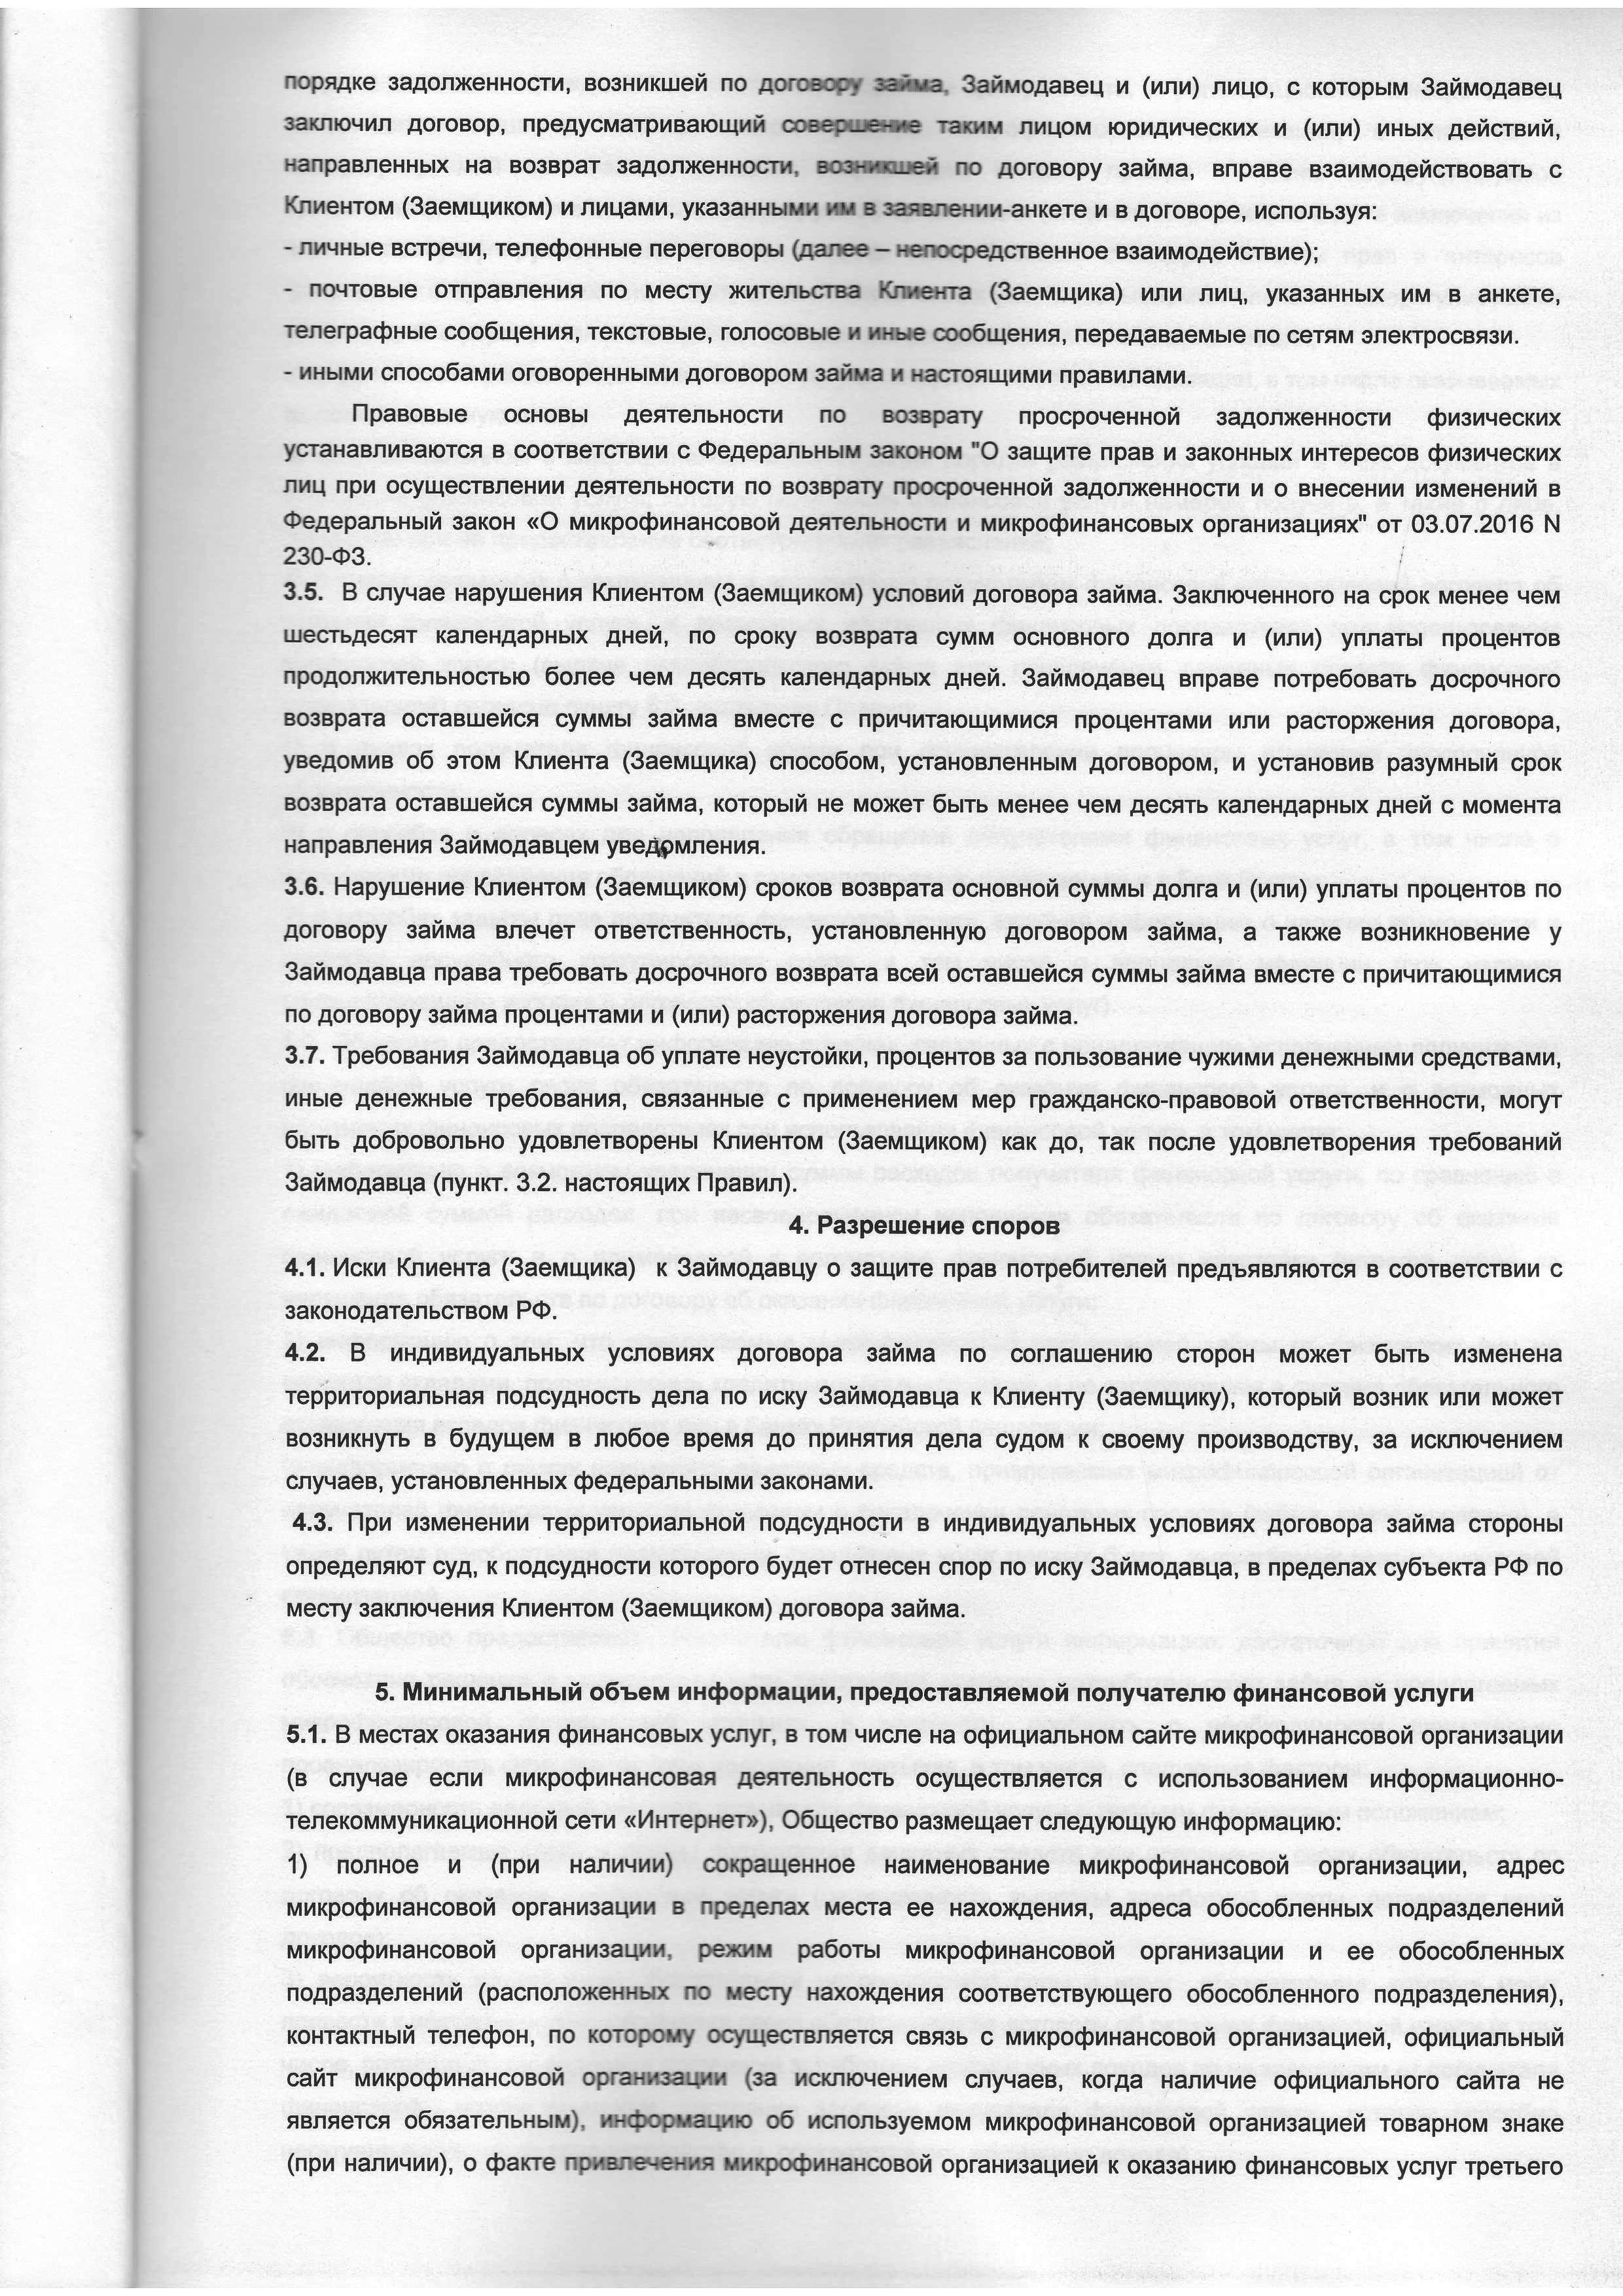 Правила предоставления займов_24_06_2018-5